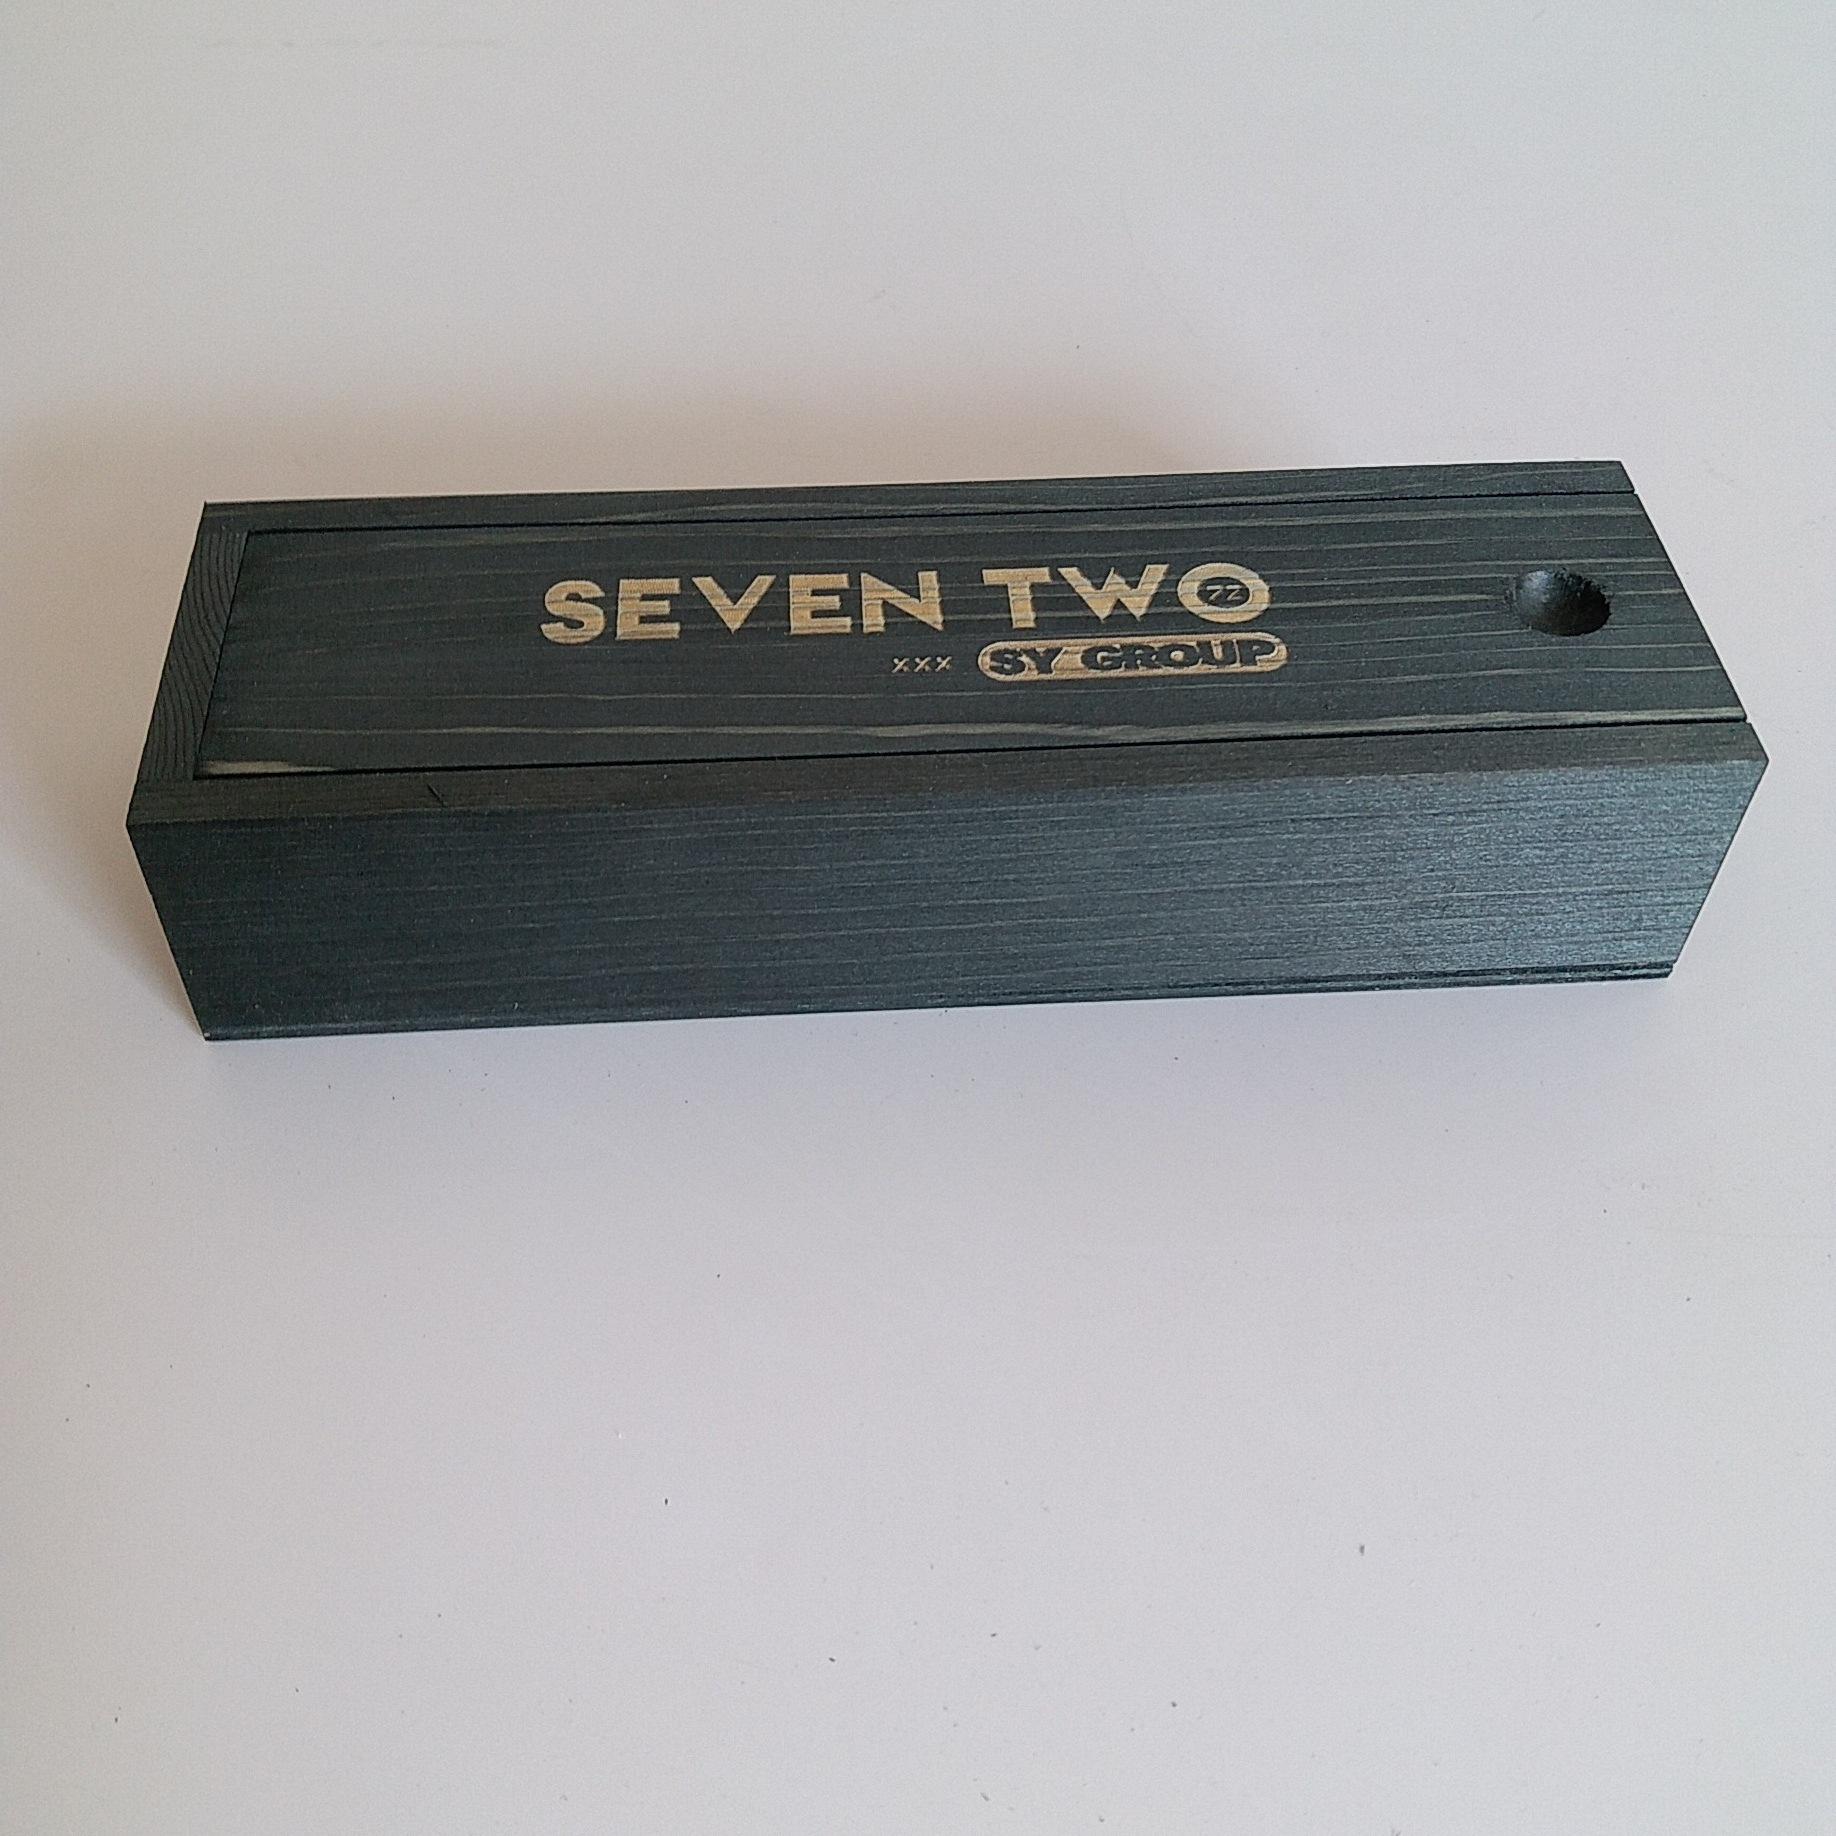 厂家生产直销各种木盒包装盒复古做旧木盒木质礼盒加工定制木盒